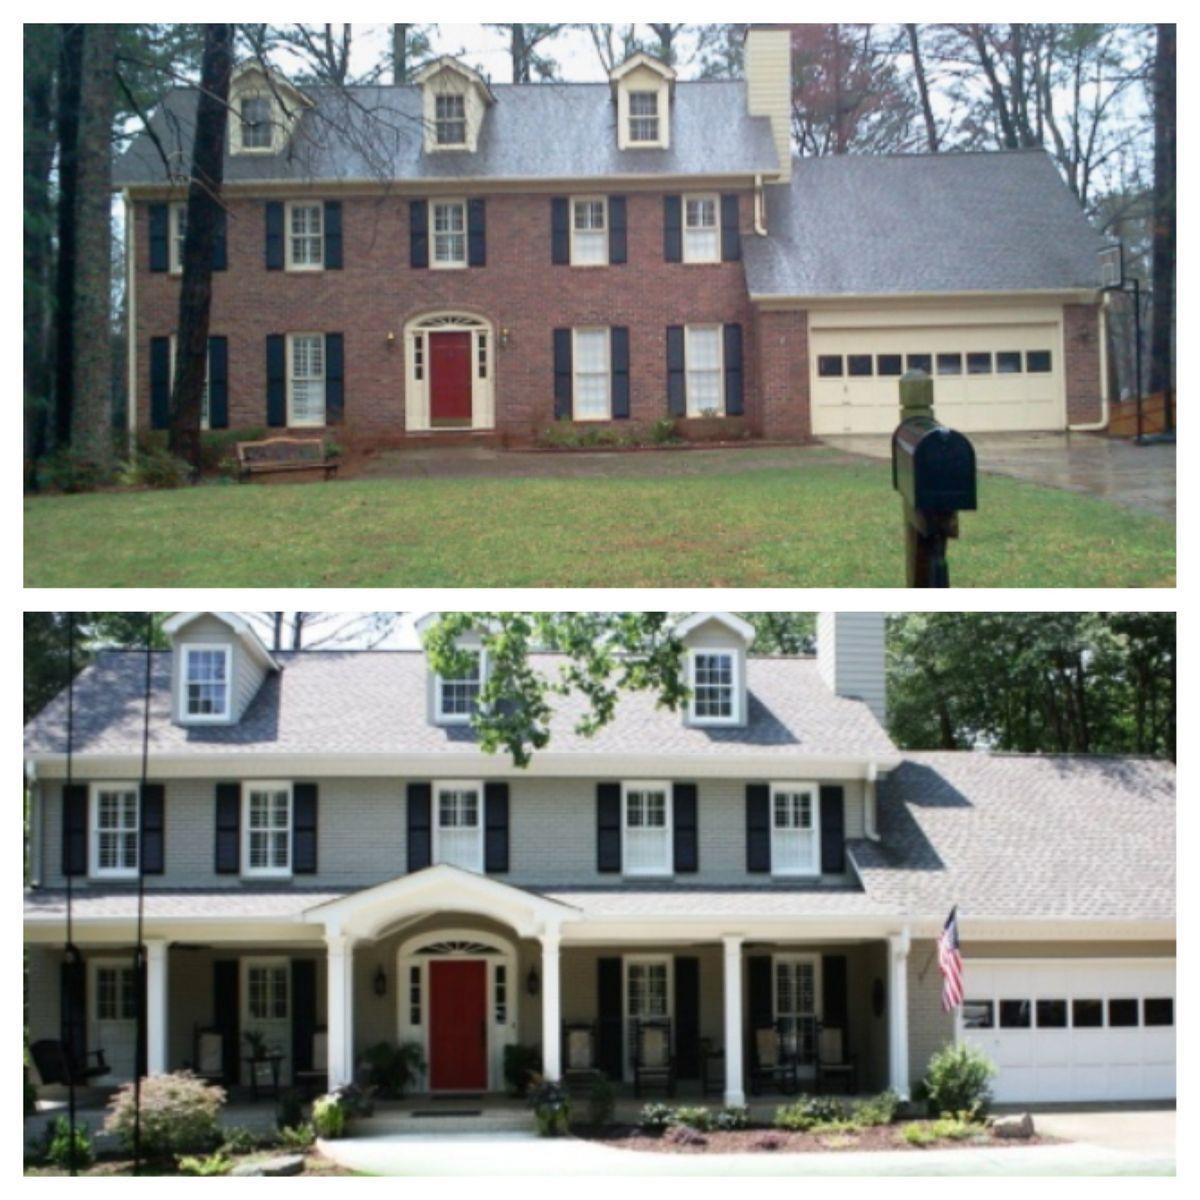 Colonial Home Design Ideas: 0bdd873bbc707cc030e8fa17759fa1e2.jpg 1,200 1,200 Pixels